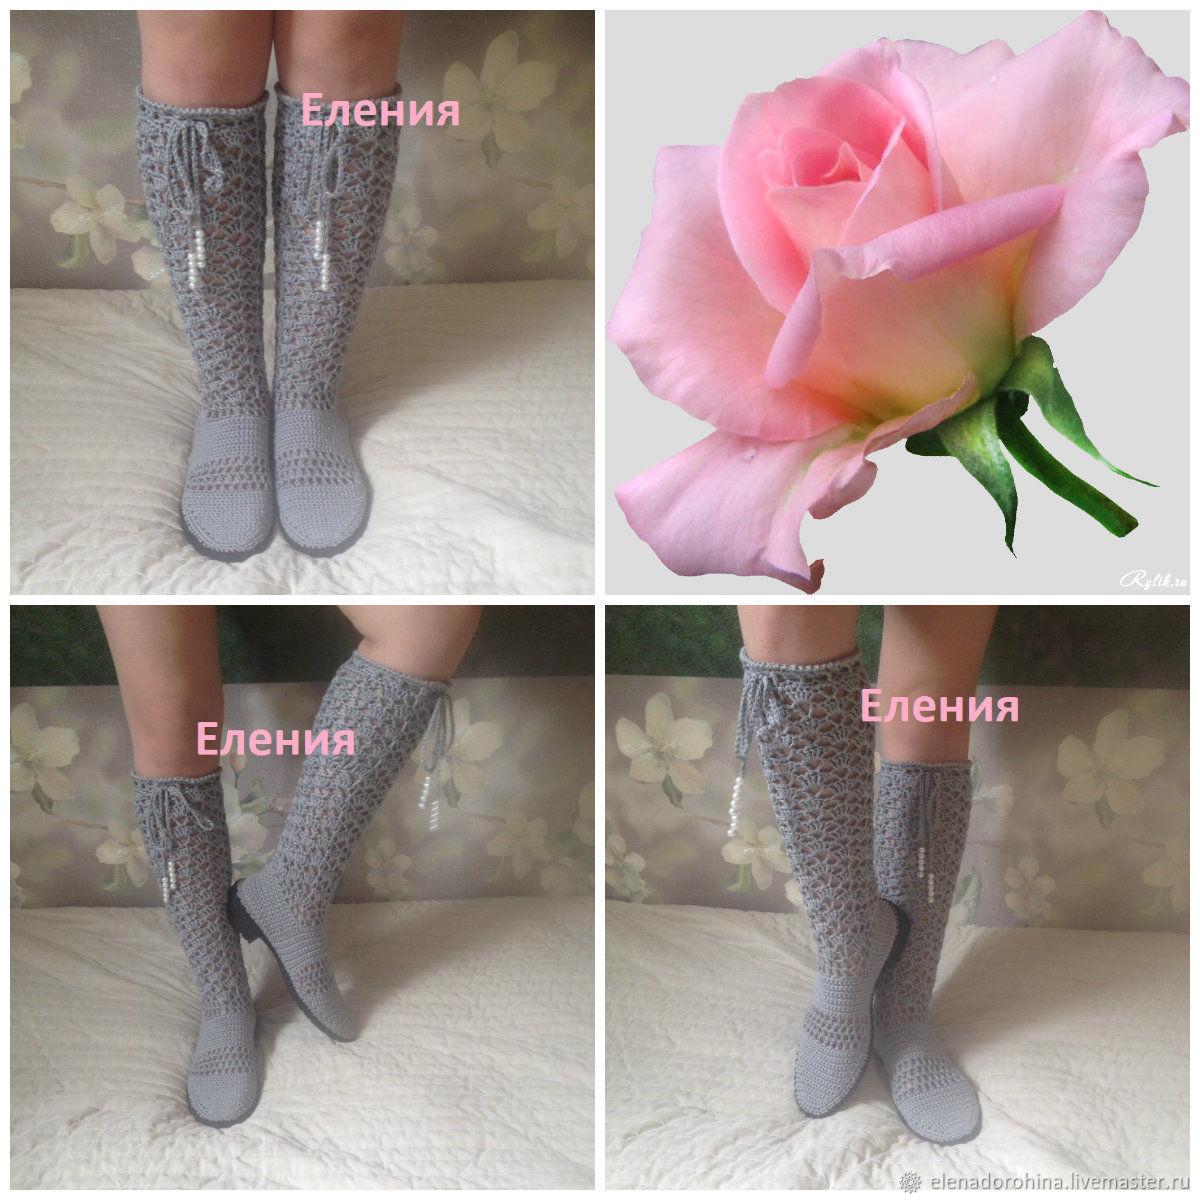 """Обувь ручной работы. Ярмарка Мастеров - ручная работа. Купить Сапоги ажурные вязаные на подошве """"Любовь"""". Handmade. Сапоги"""